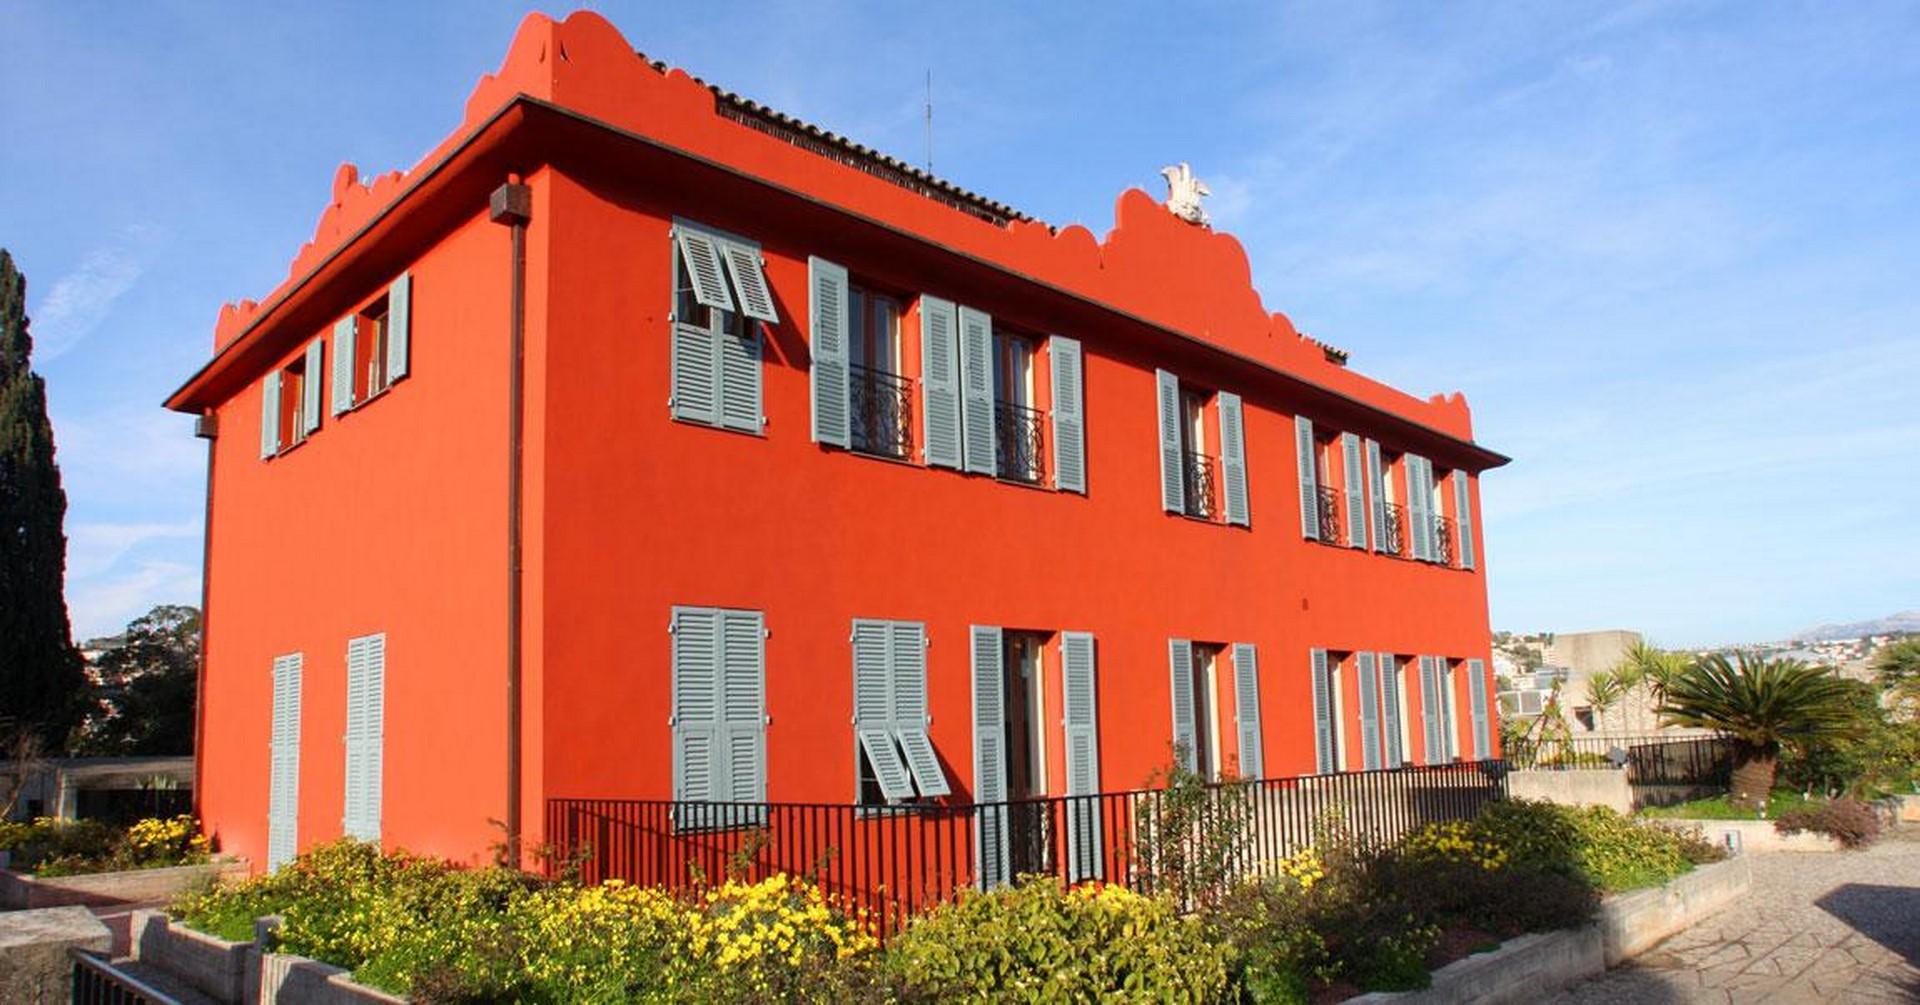 Les mus es archives page 9 sur 10 la lezardiere for Jardin villa arson nice